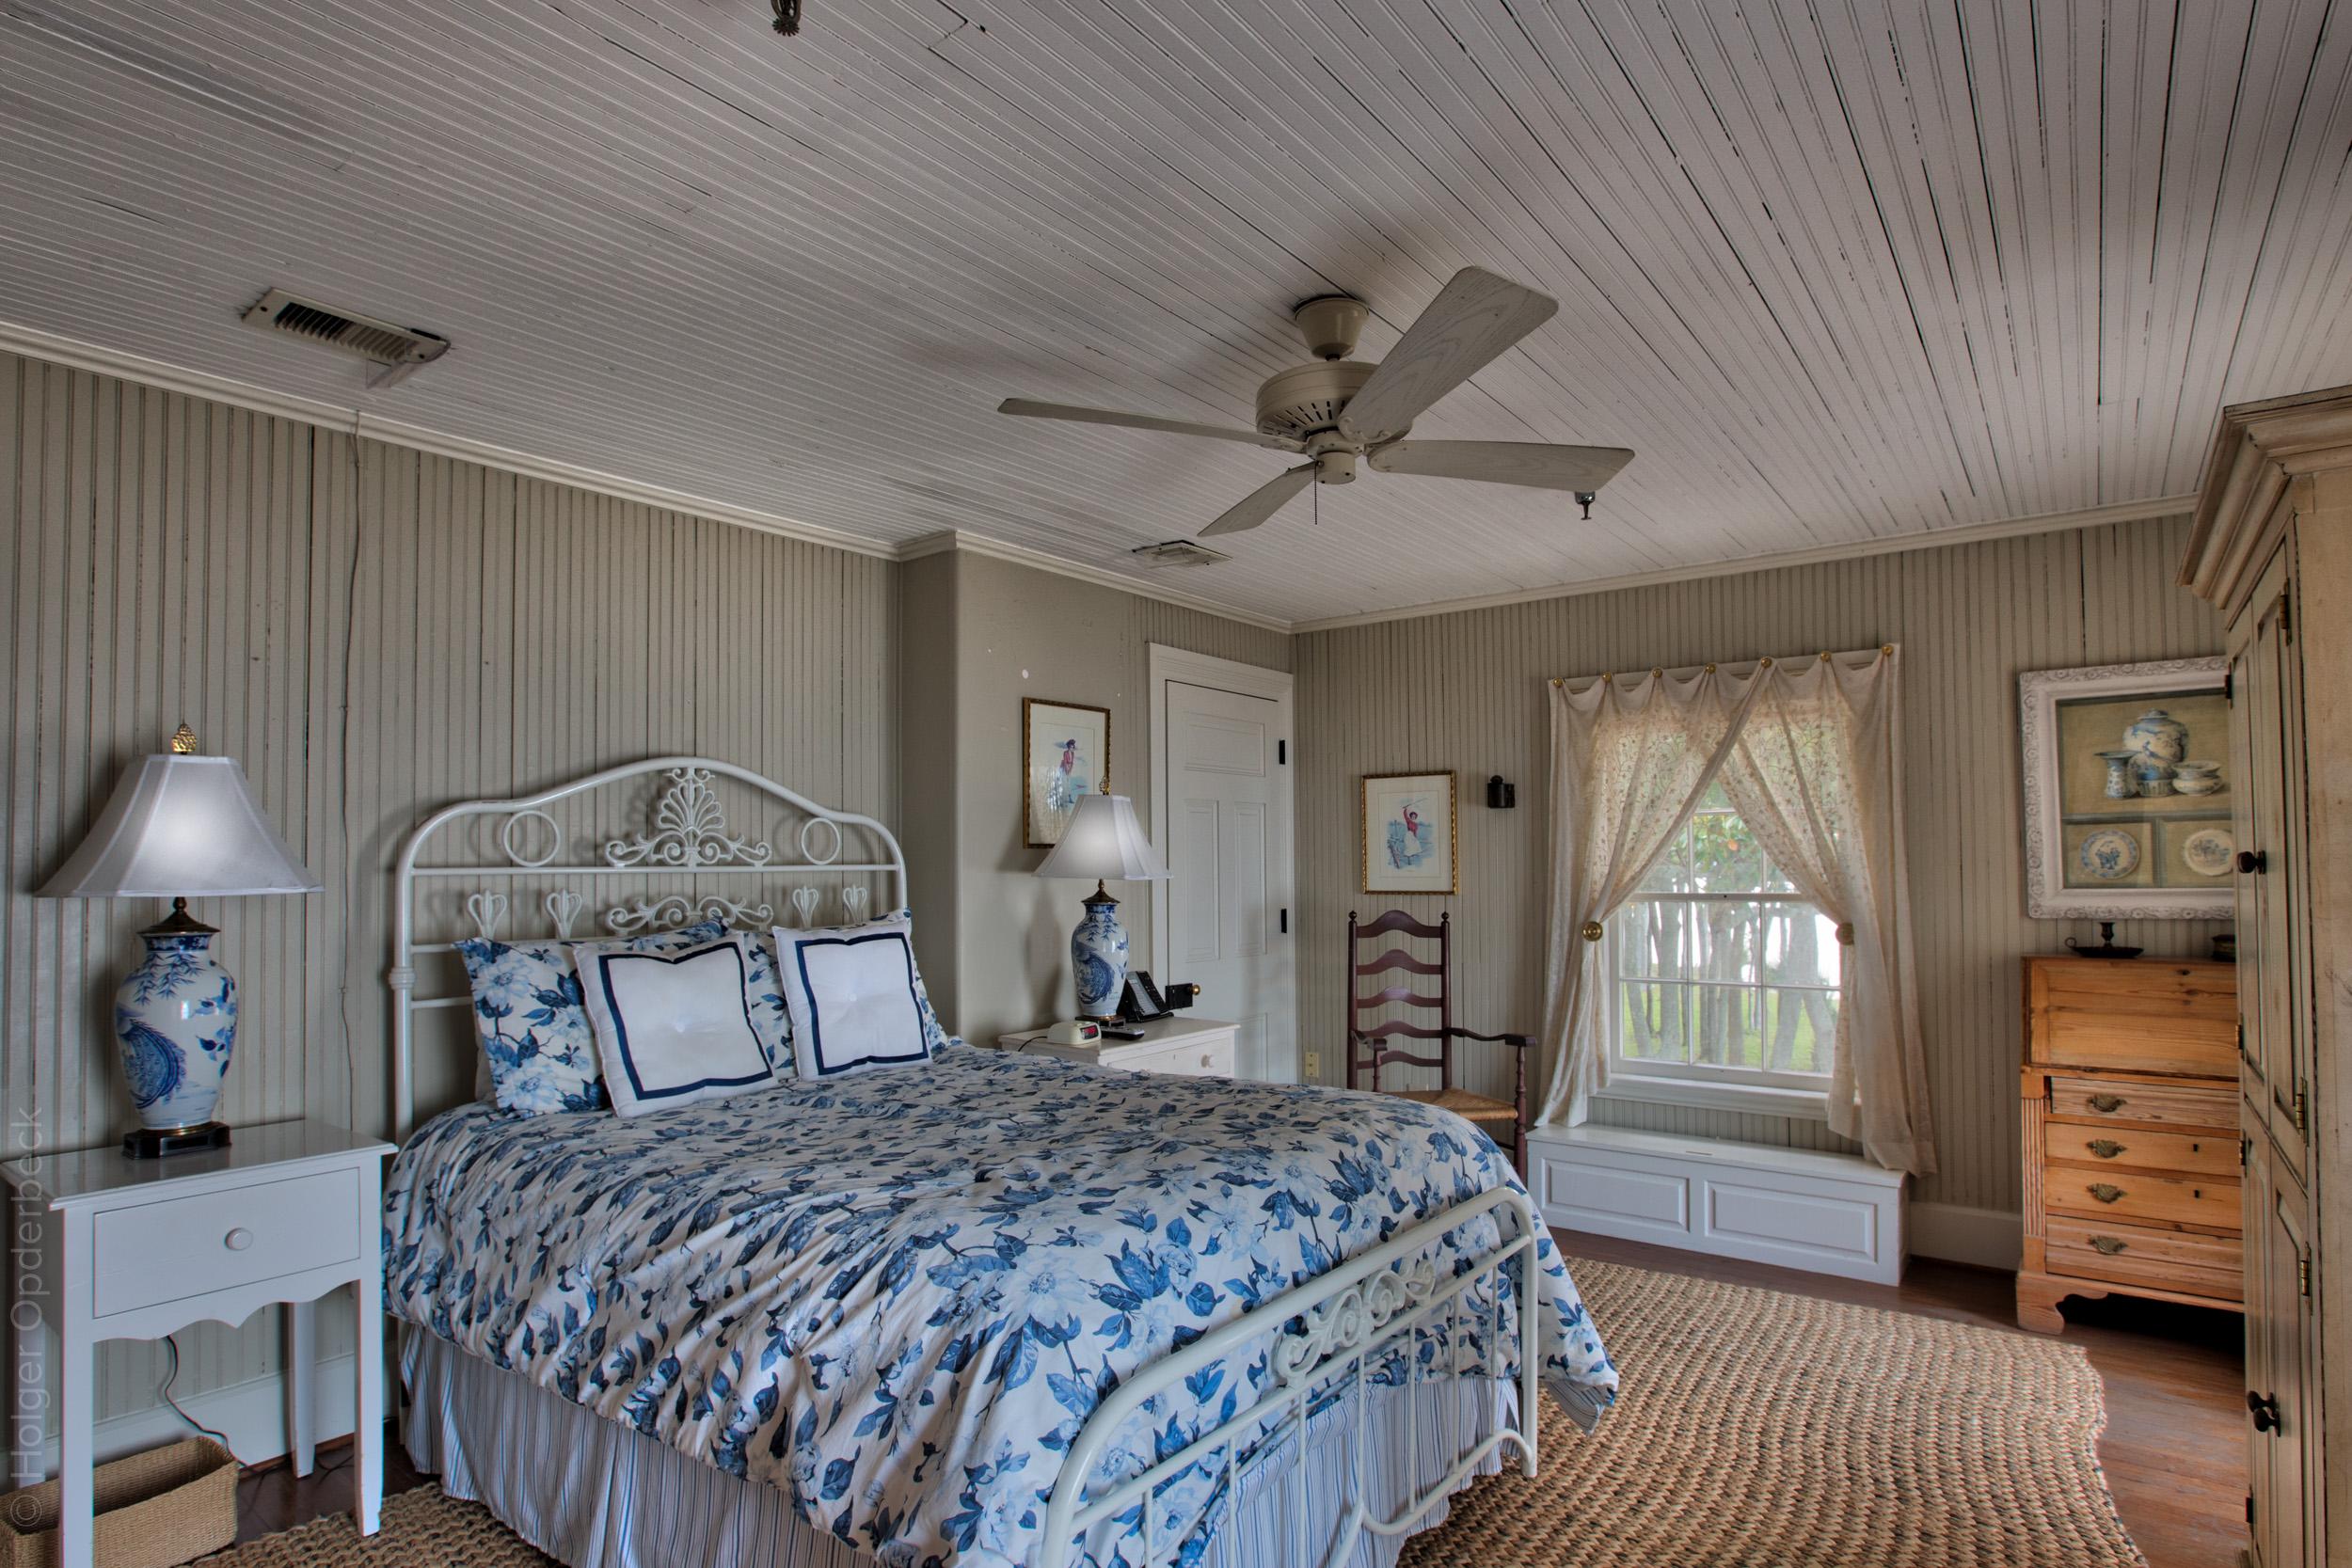 blodgett-bedroom.jpg